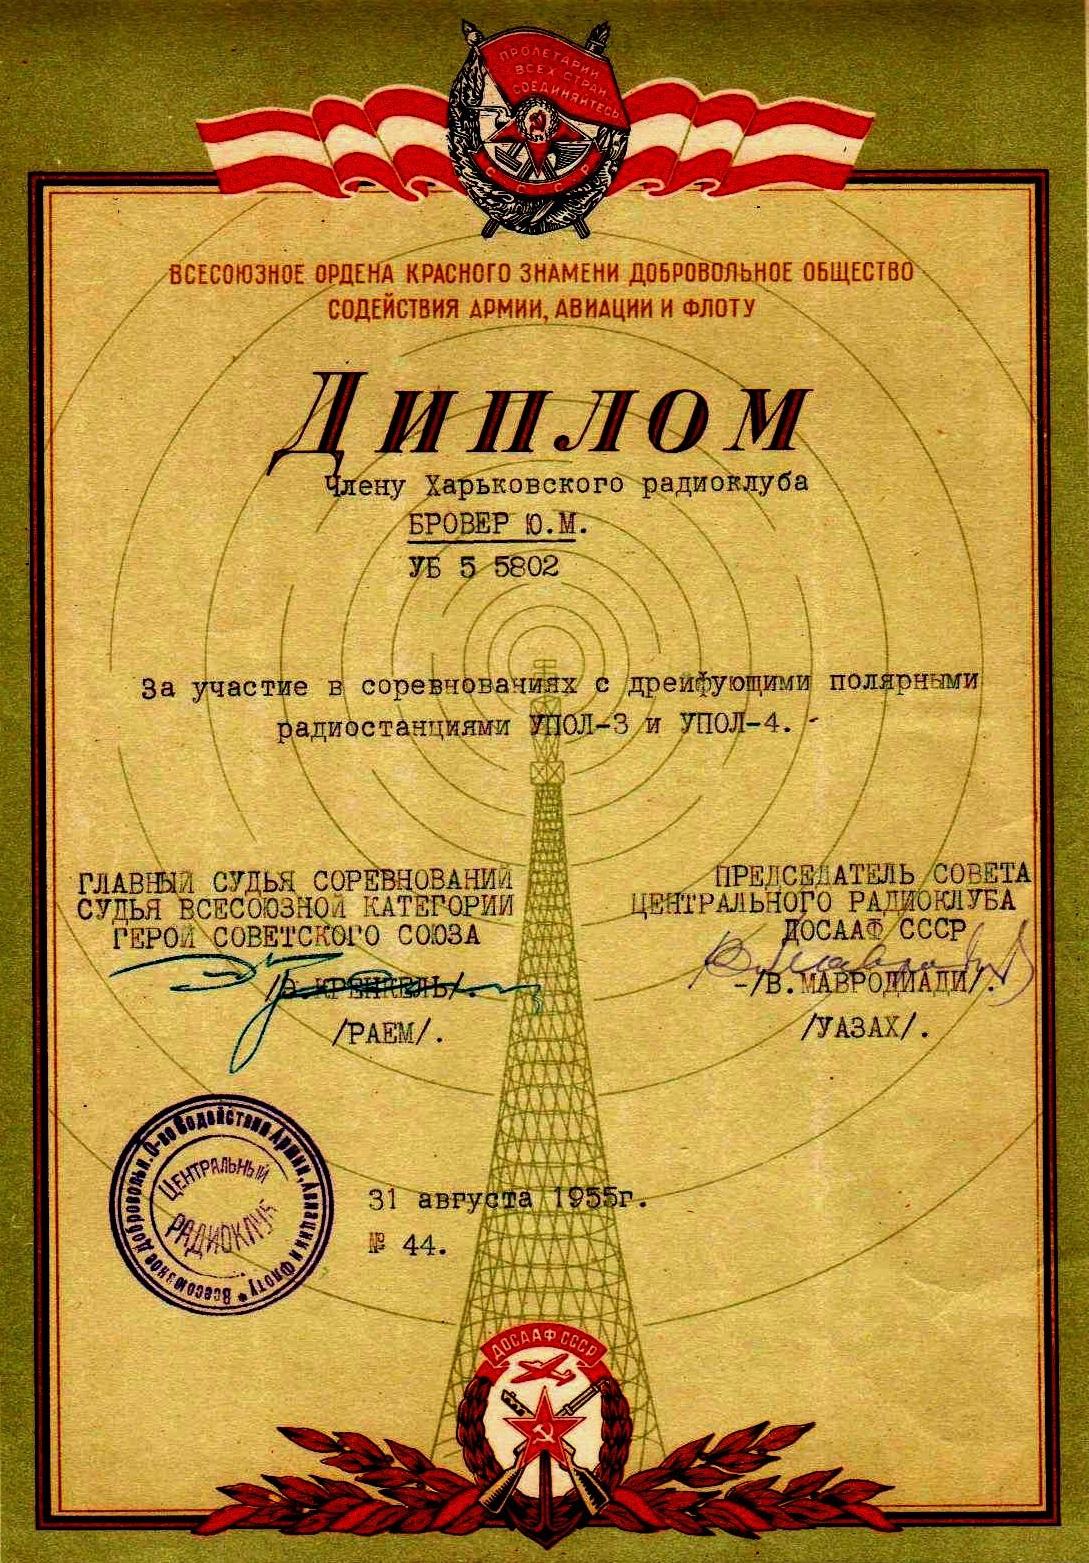 Нажмите на изображение для увеличения.  Название:upol-3-upol-4-award-raem.jpg Просмотров:14 Размер:861.4 Кб ID:218571